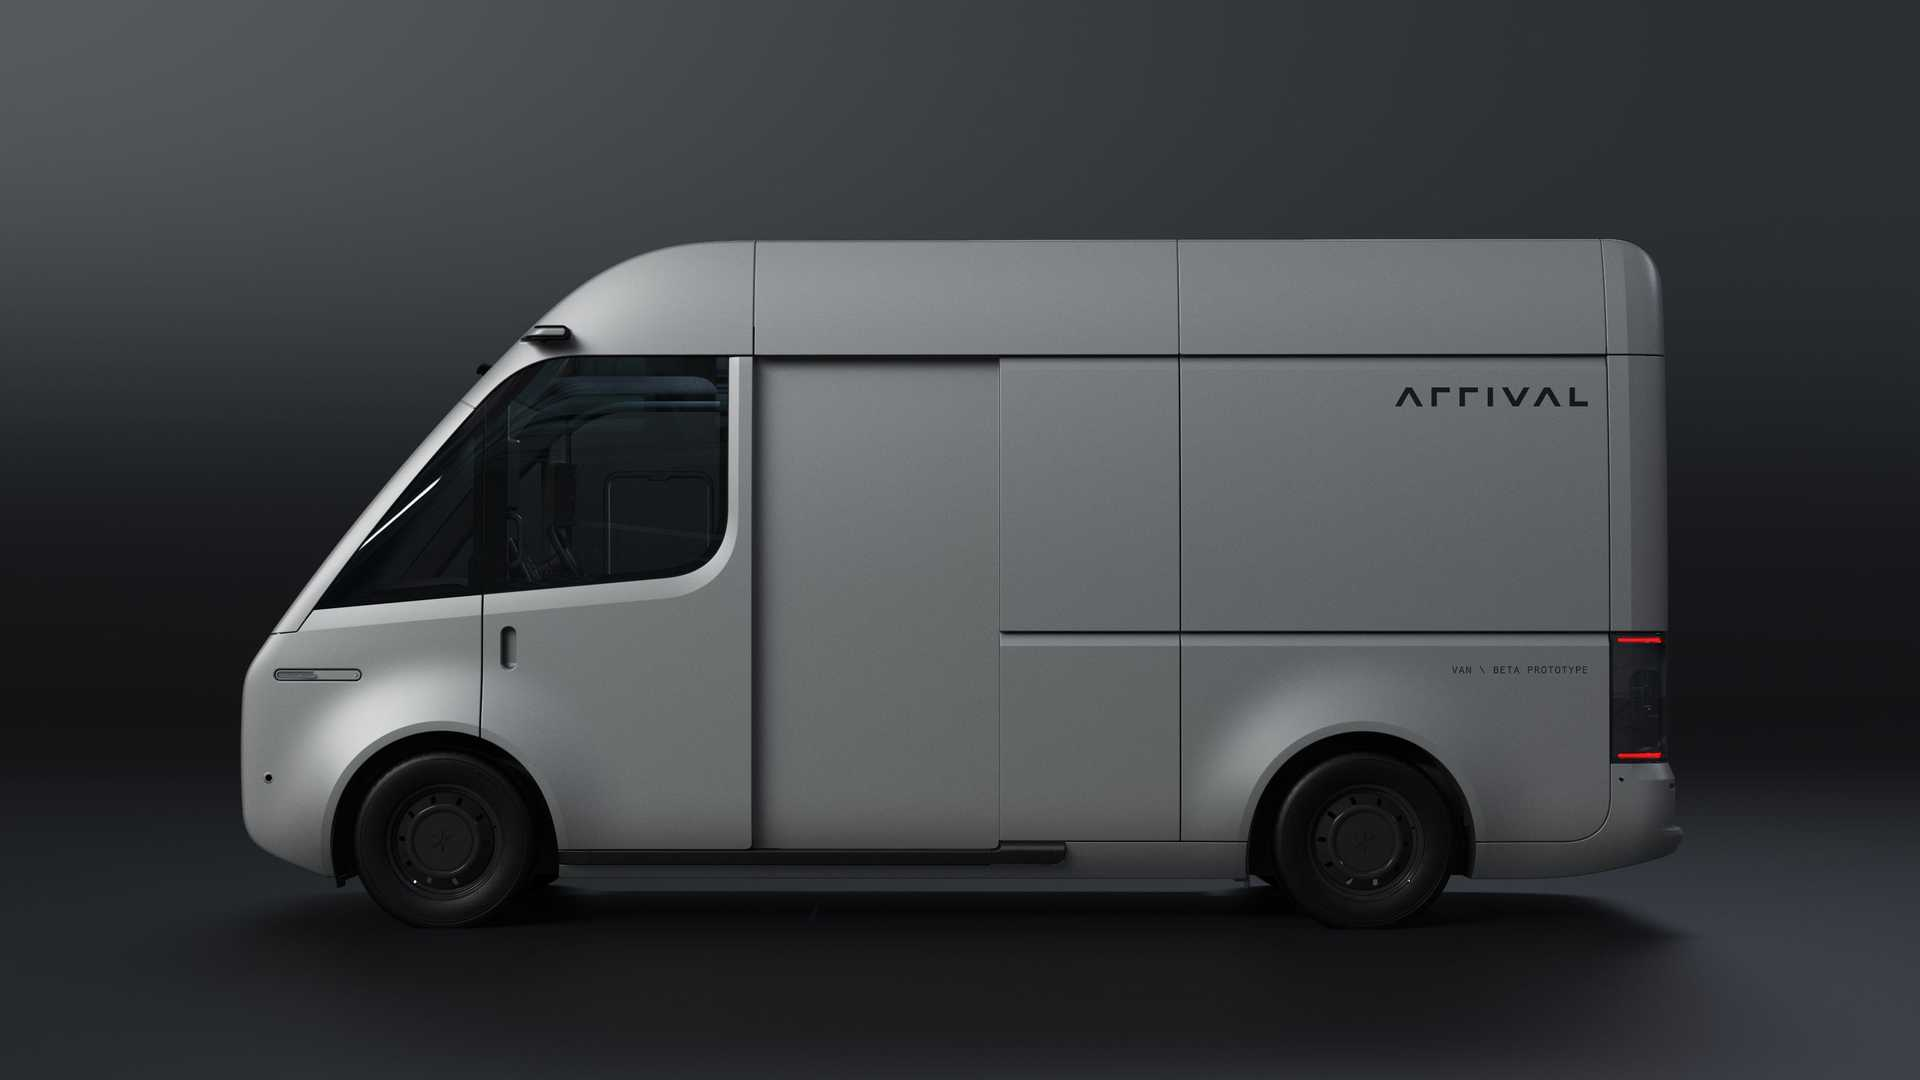 Arrival-Van-prototype-2